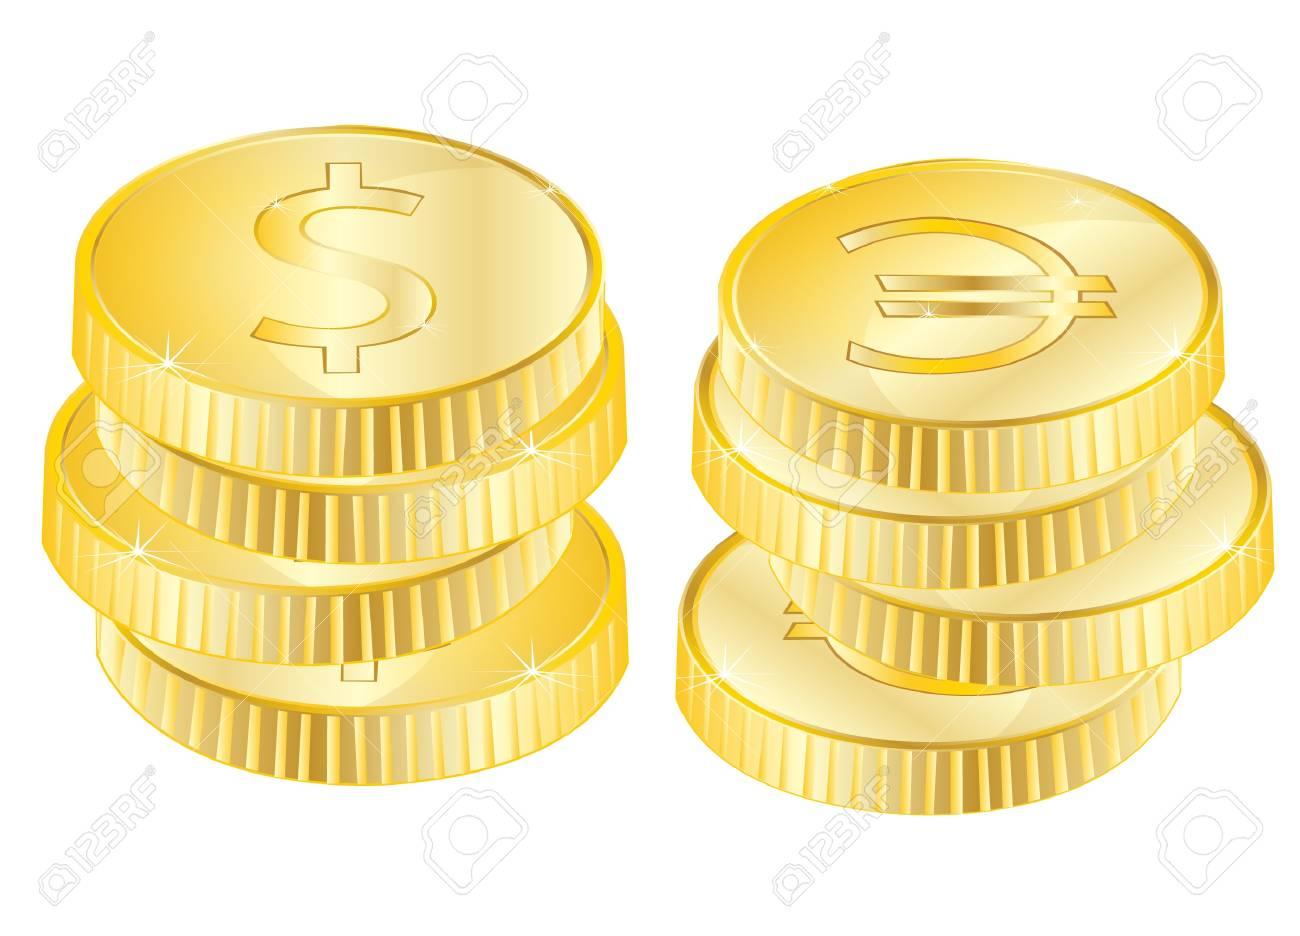 Viel Münzen Aus Vergolden Auf Weißem Hintergrund Lizenzfrei Nutzbare